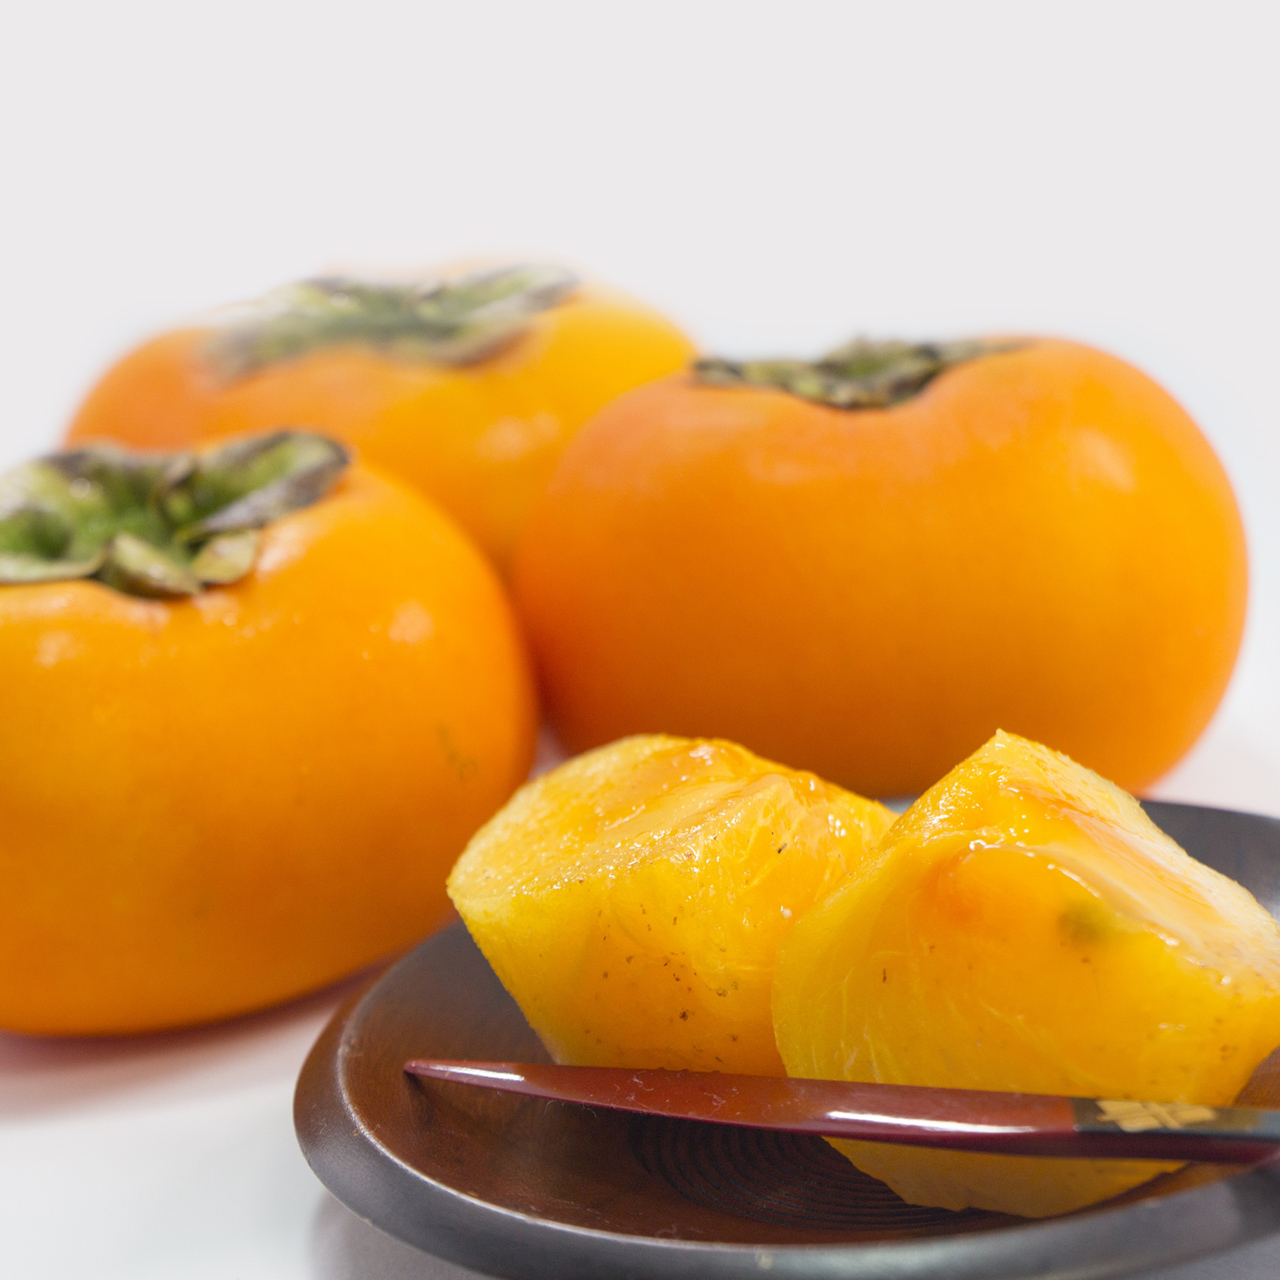 秋は柿の季節!<br> 〜ハヤシフルーツ厳選の柿特集〜